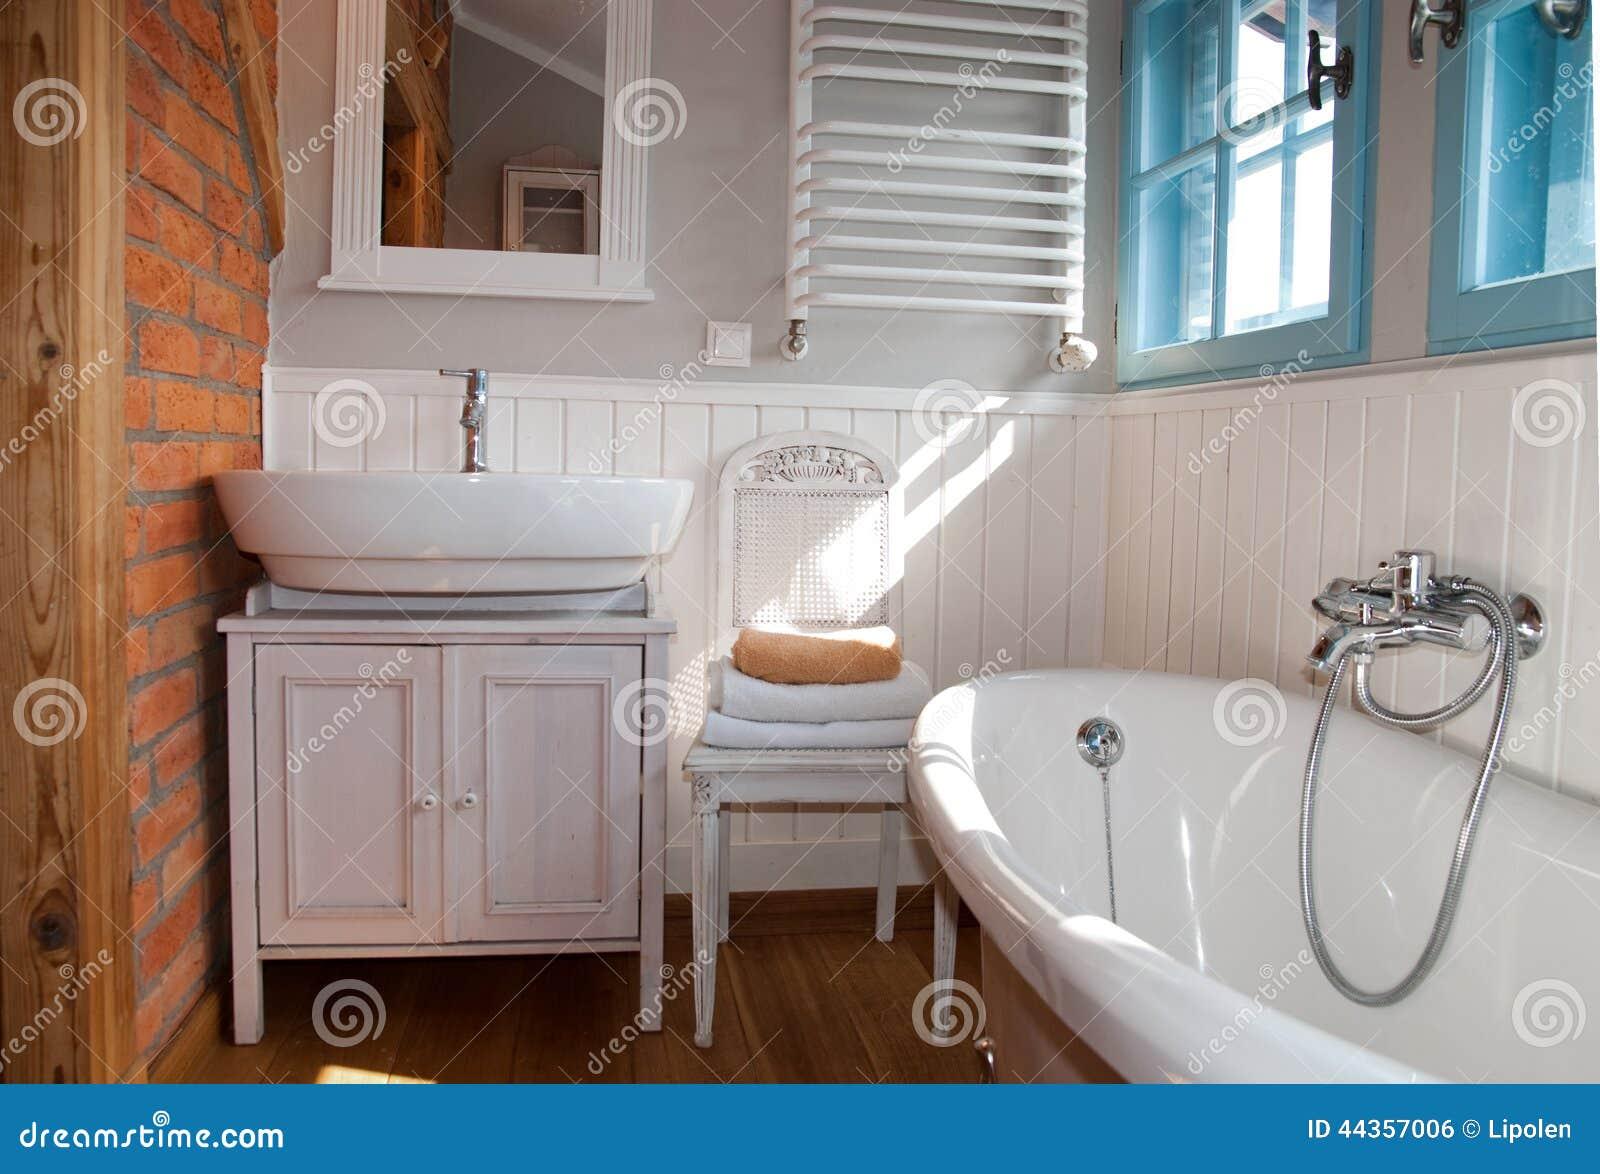 Bagno rustico grigio bianco con la finestra fotografia stock immagine di elegante luminoso - Bagno rustico foto ...